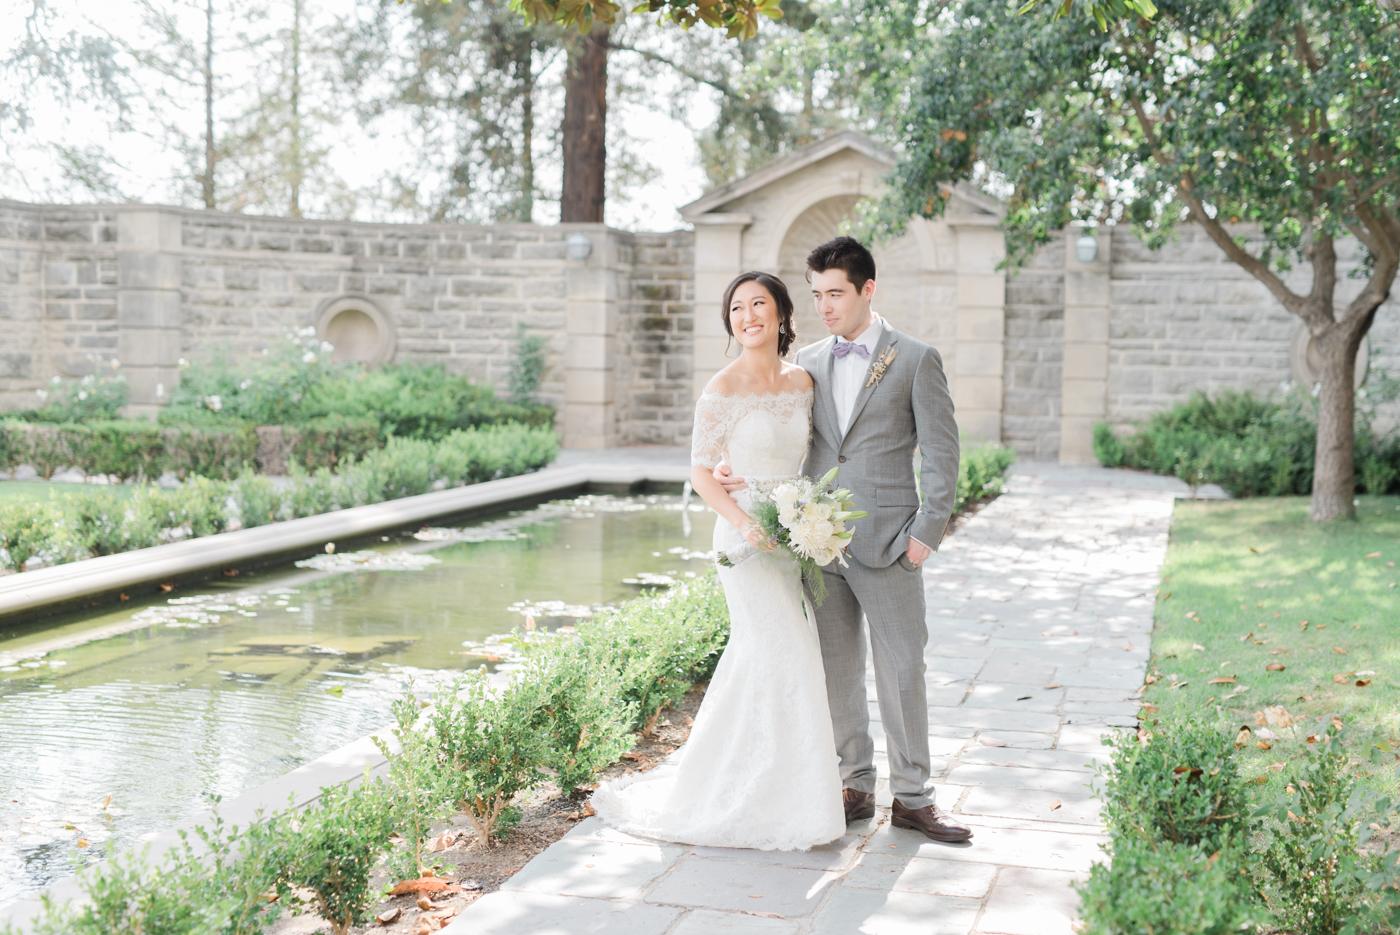 Greystone_Mansion_Wedding_Fine_Art_Film_Wedding_Photography_AKP-41.jpg